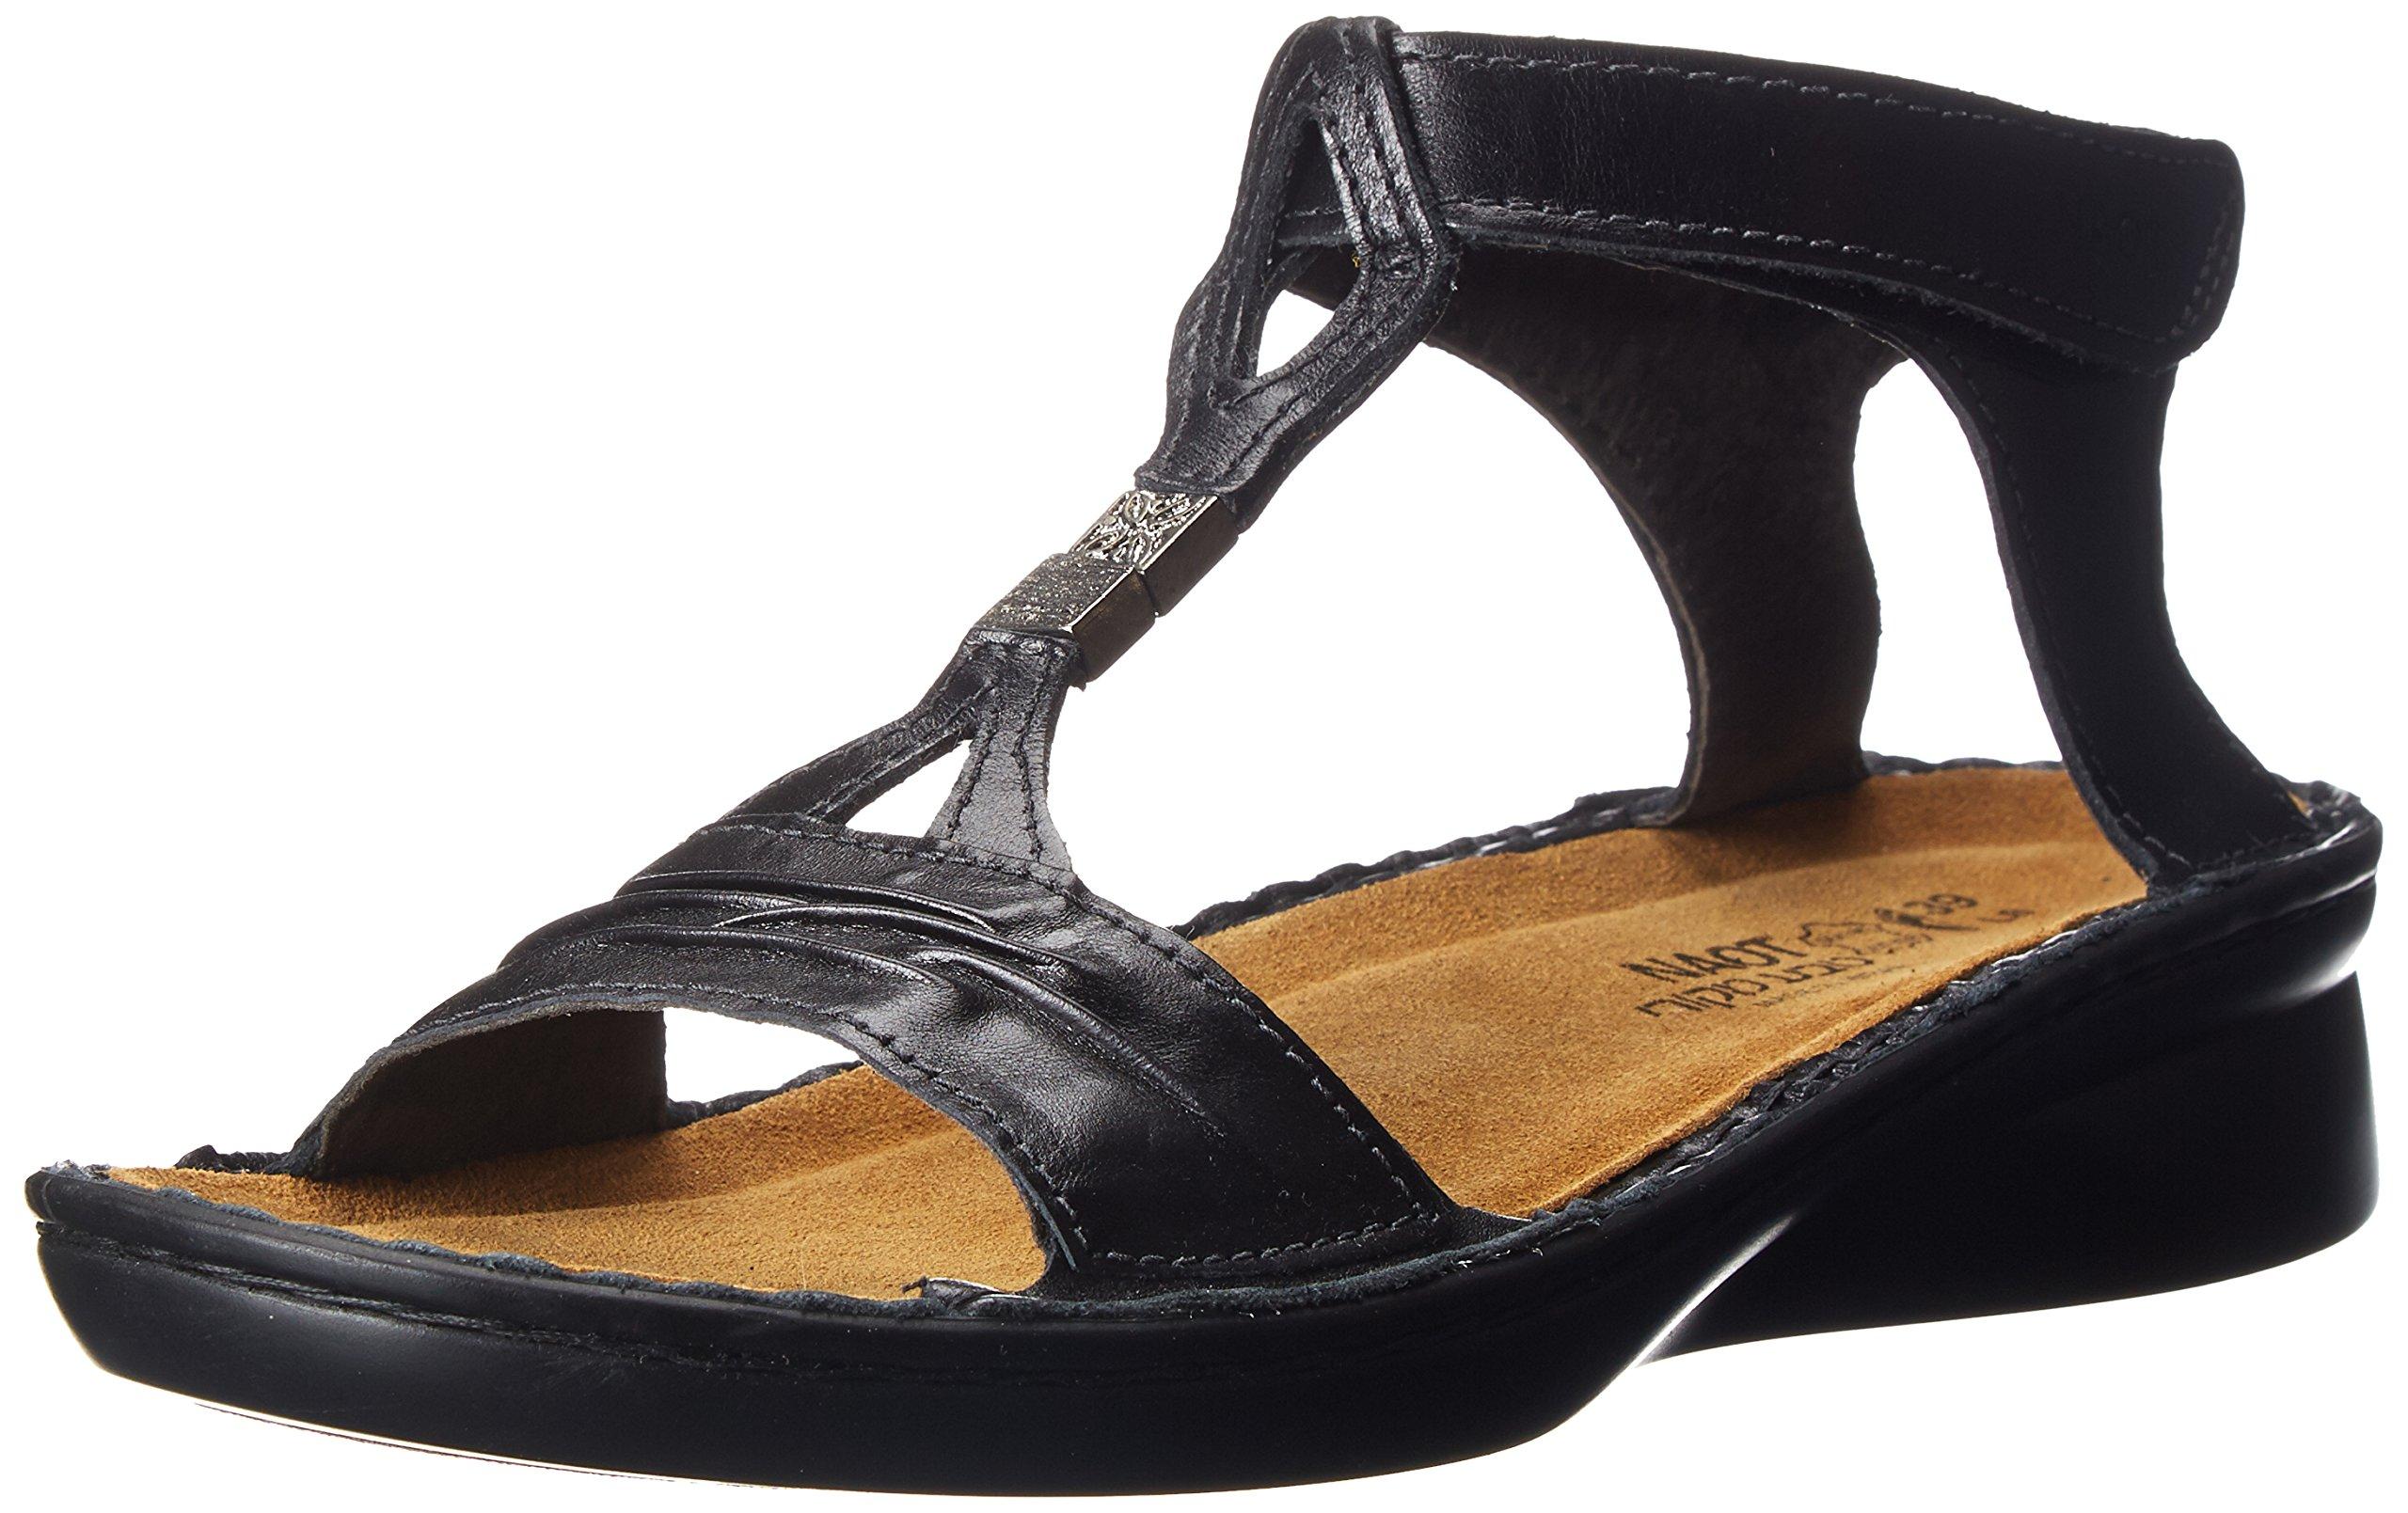 Naot Women's Cymbal Dress Sandal, Black, 40 EU/9 M US